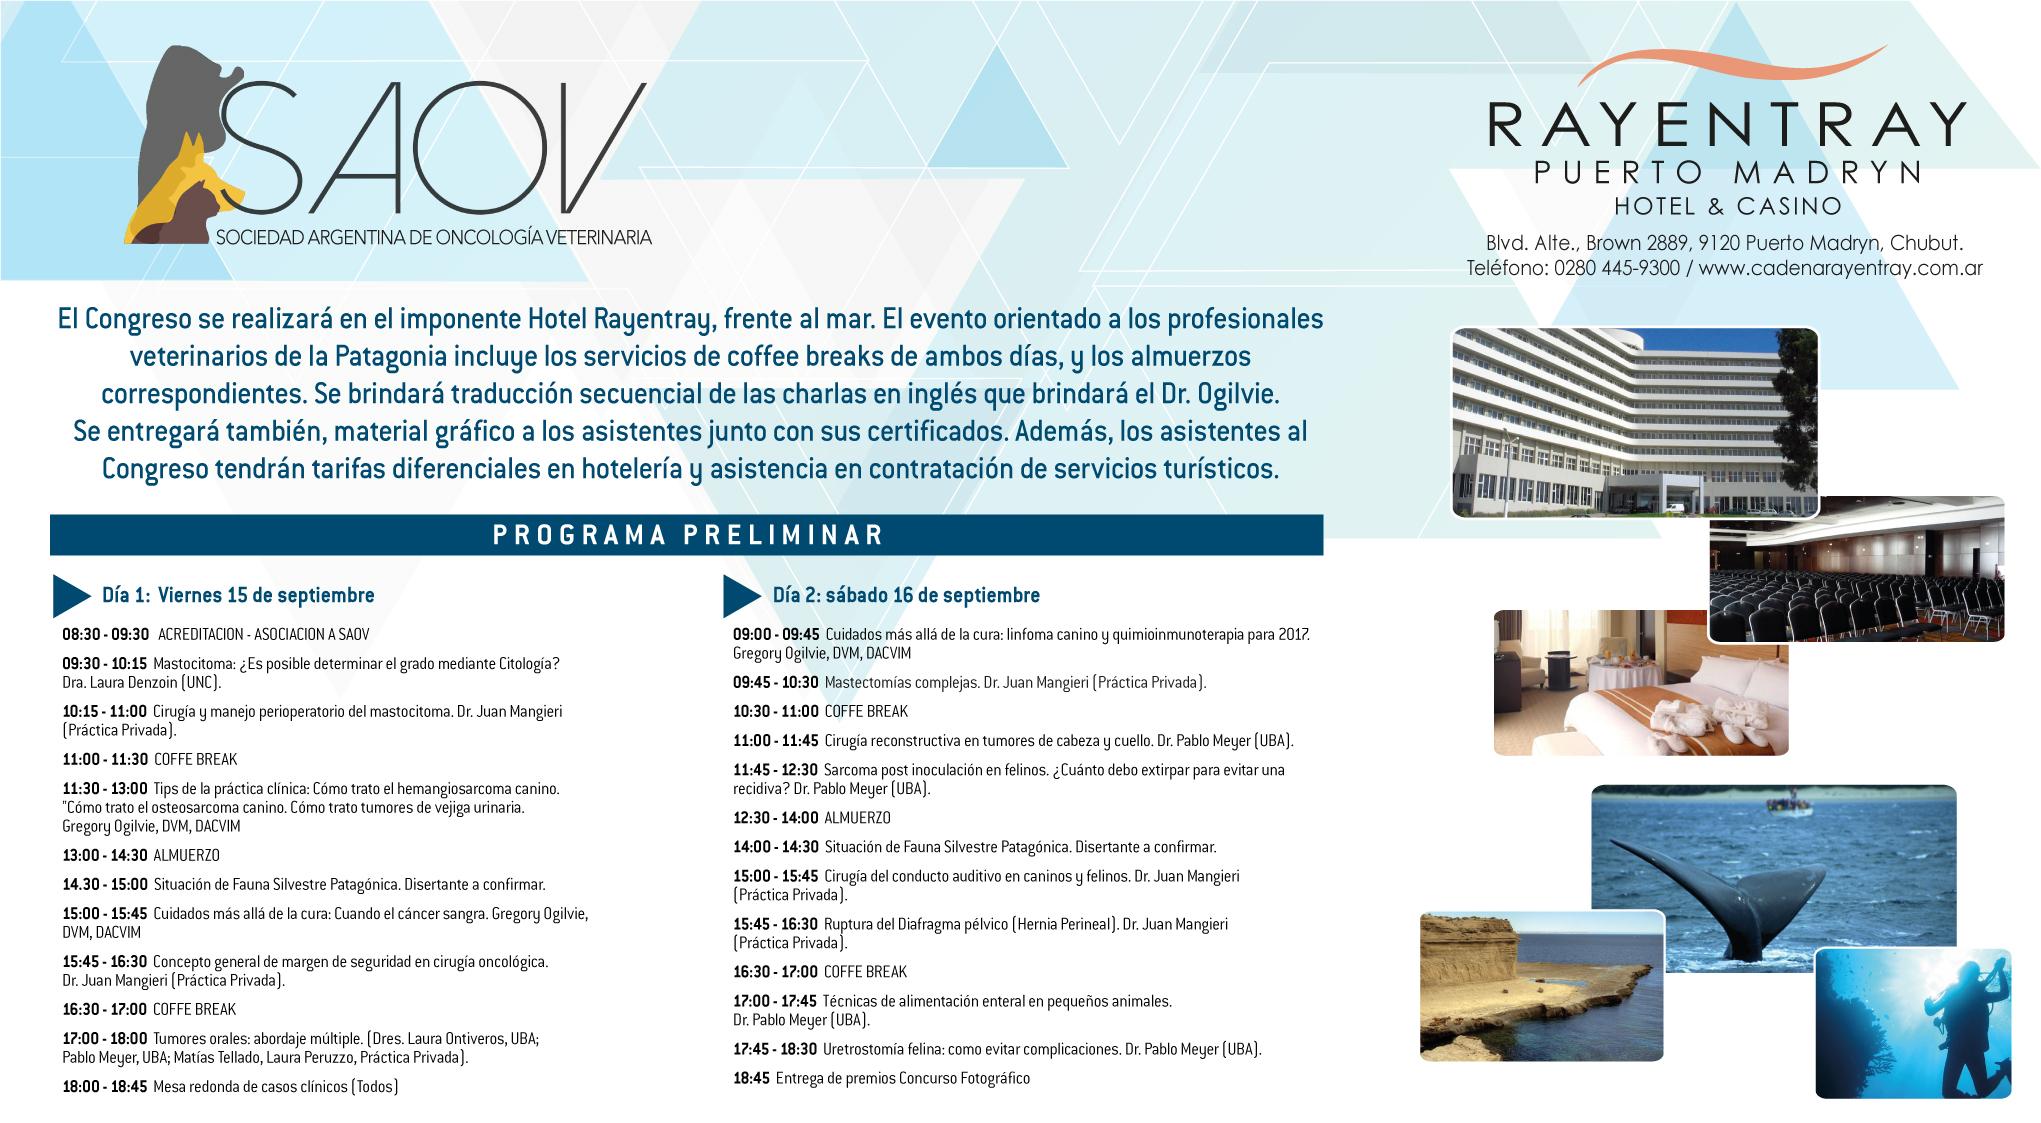 SAOV Programa